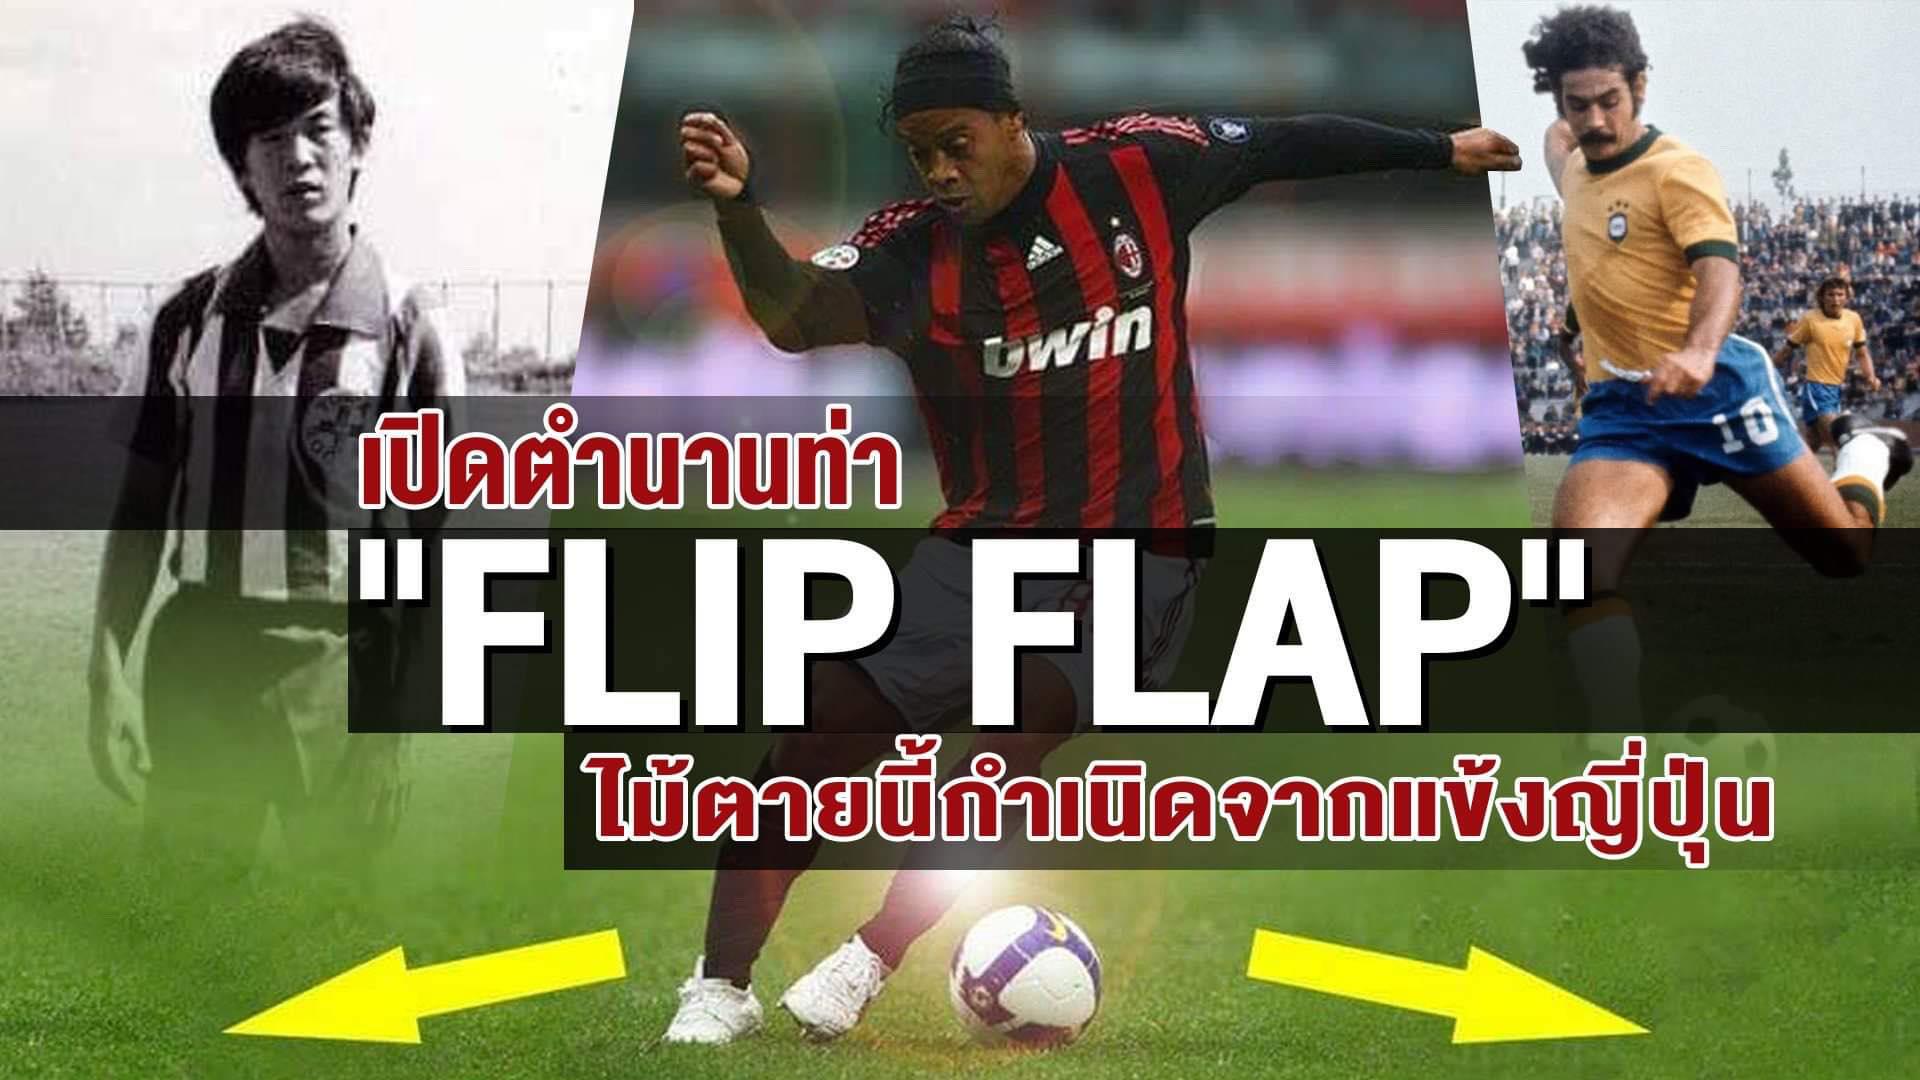 """เปิดตำนานท่า """"Flip Flap"""" ไม้ตายนี้กำเนิดจากแข้งญี่ปุ่น (คลิป)"""